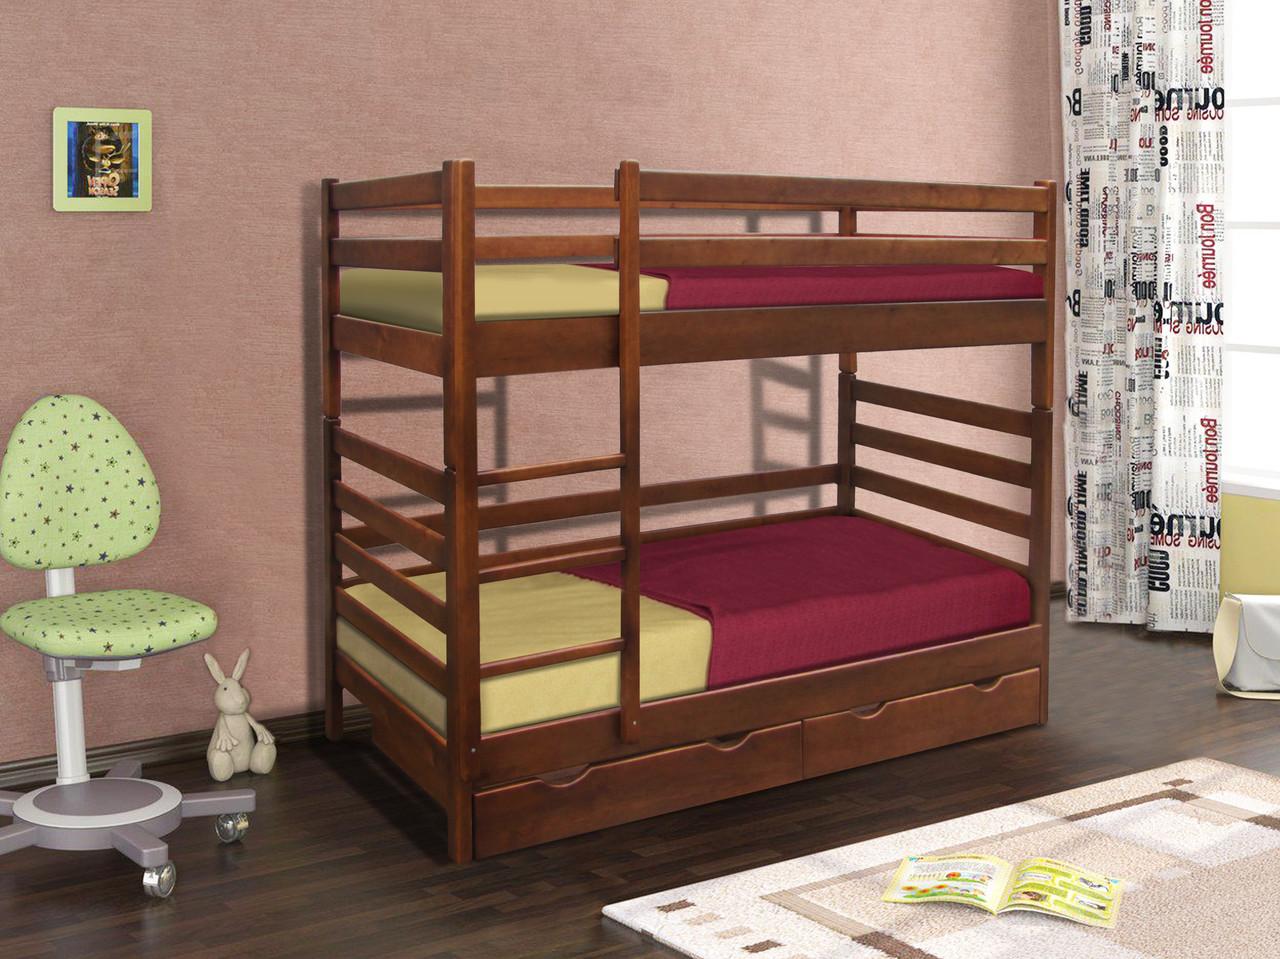 Кровать двухъярусная Засоня сосна + Бесплатная доставка по Киеву!